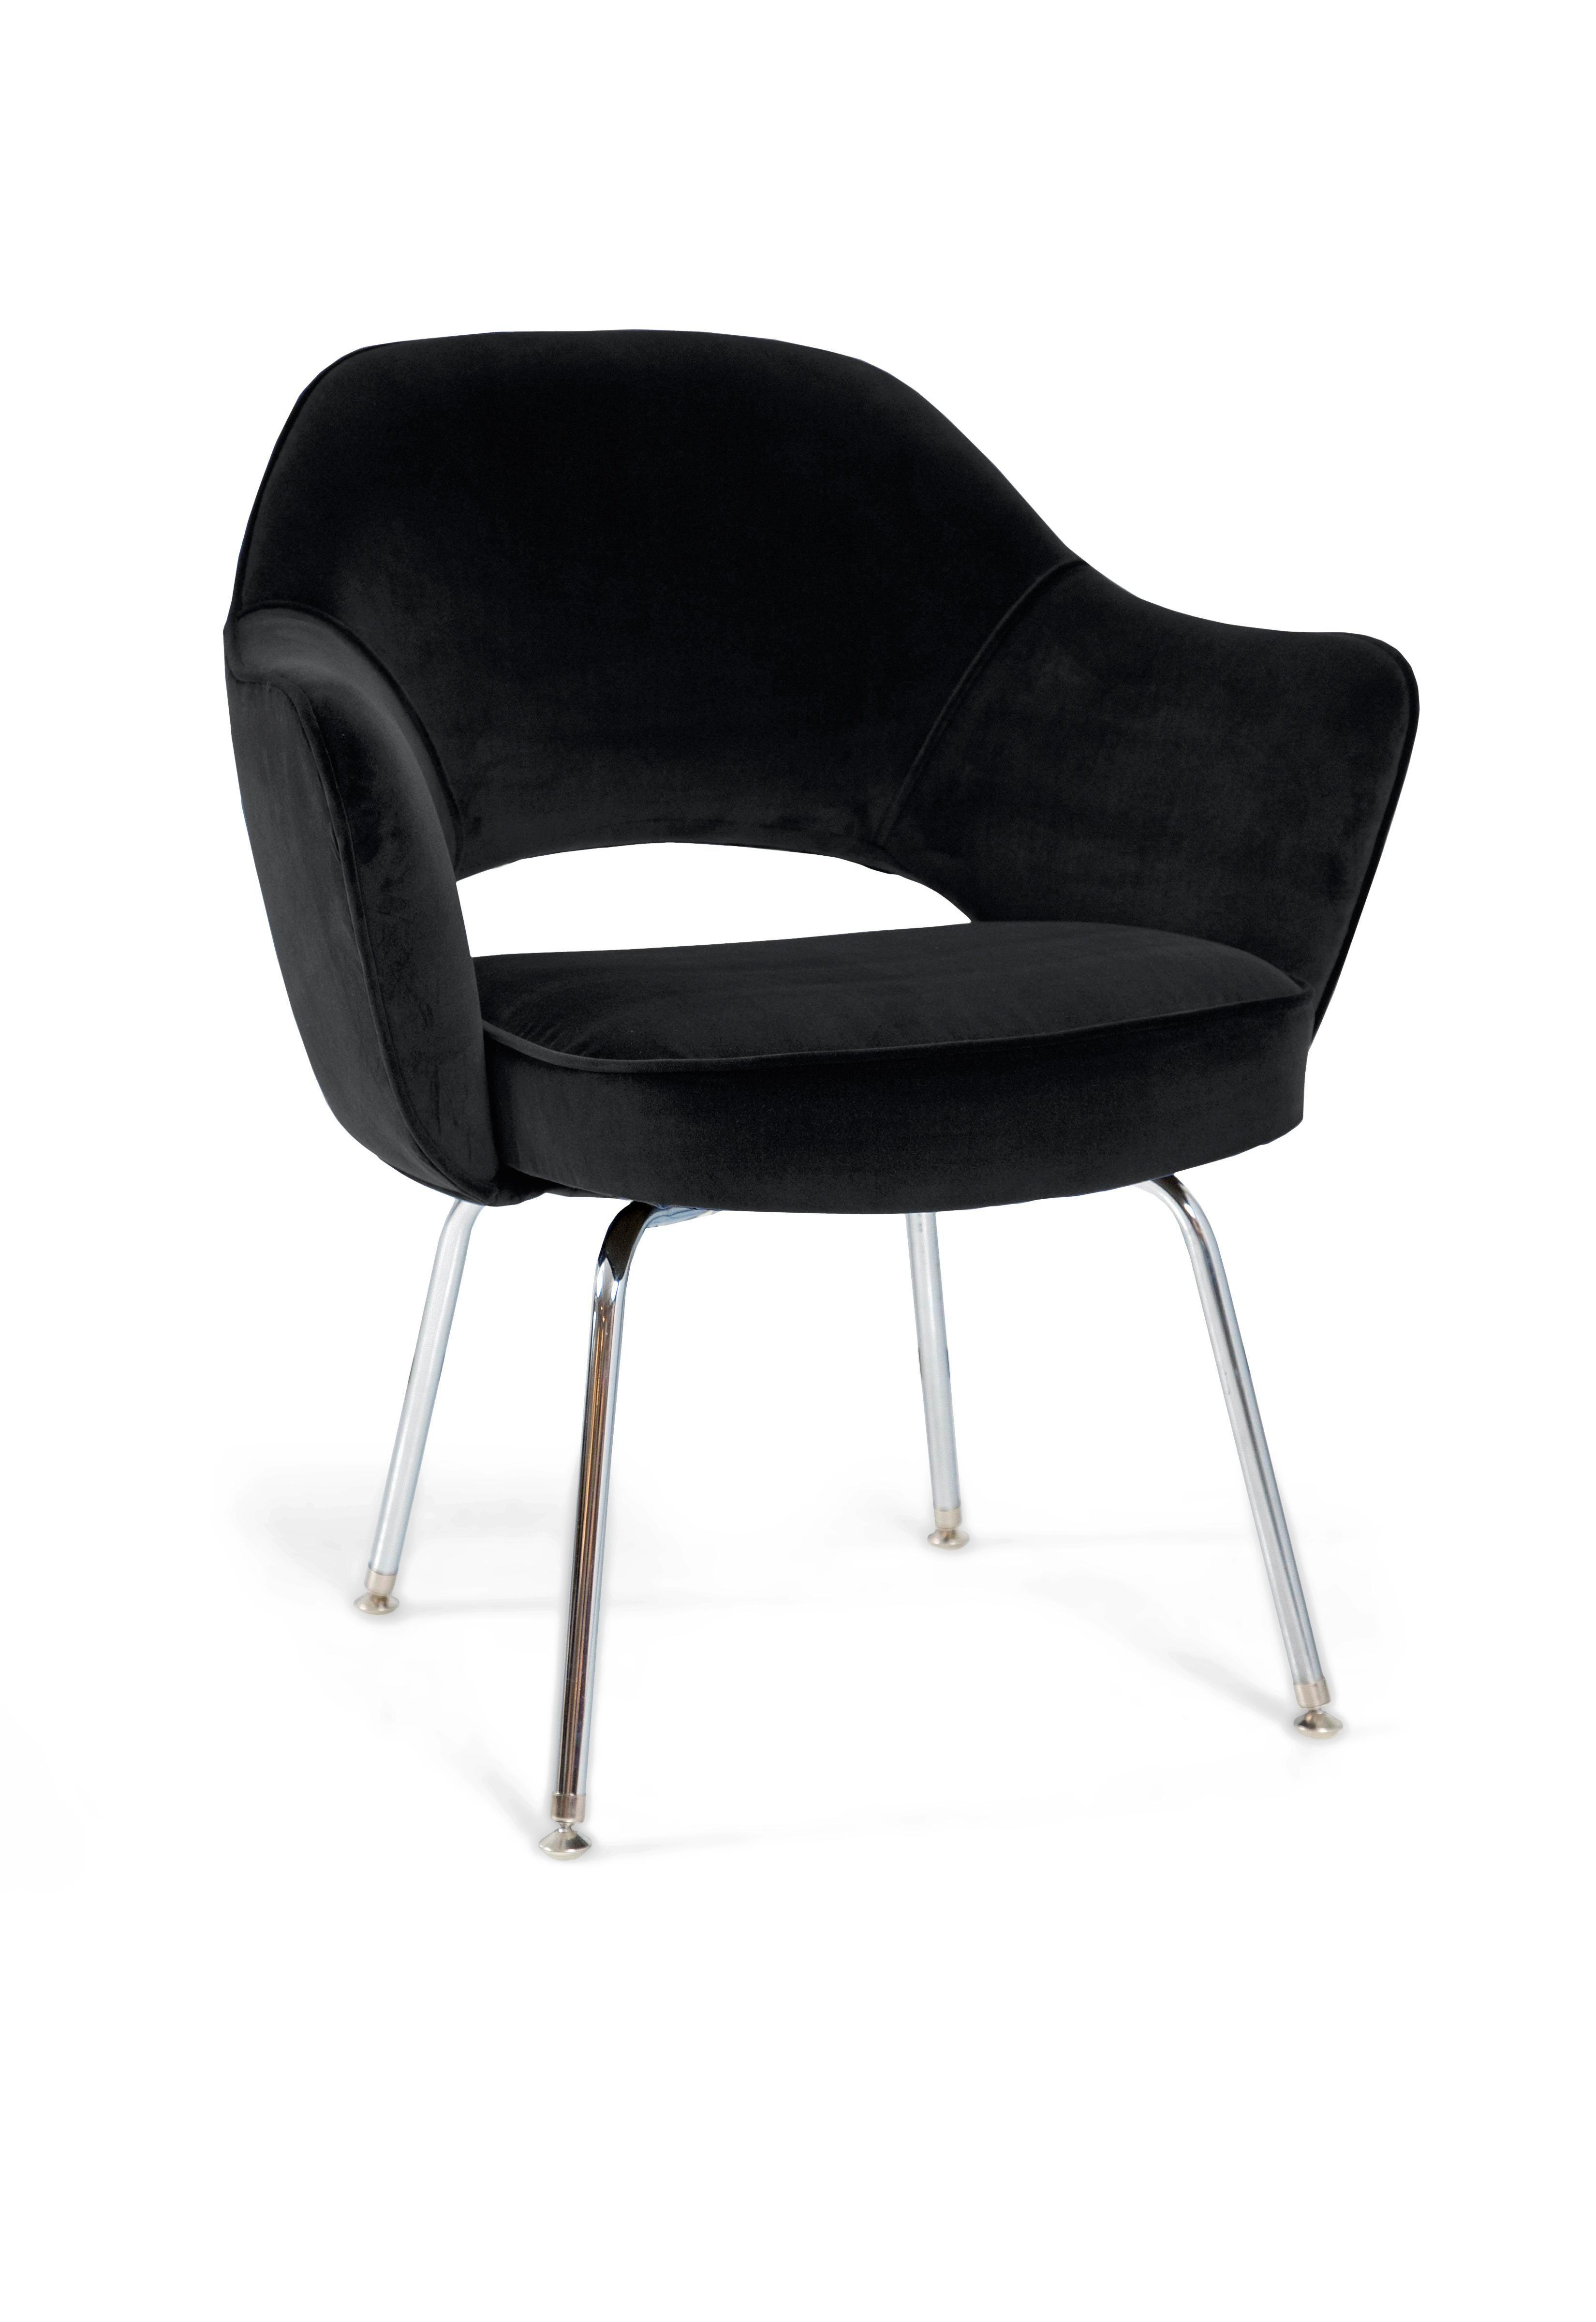 Saarinen Executive Armchair In Black Velvet   Image 2 Of 4